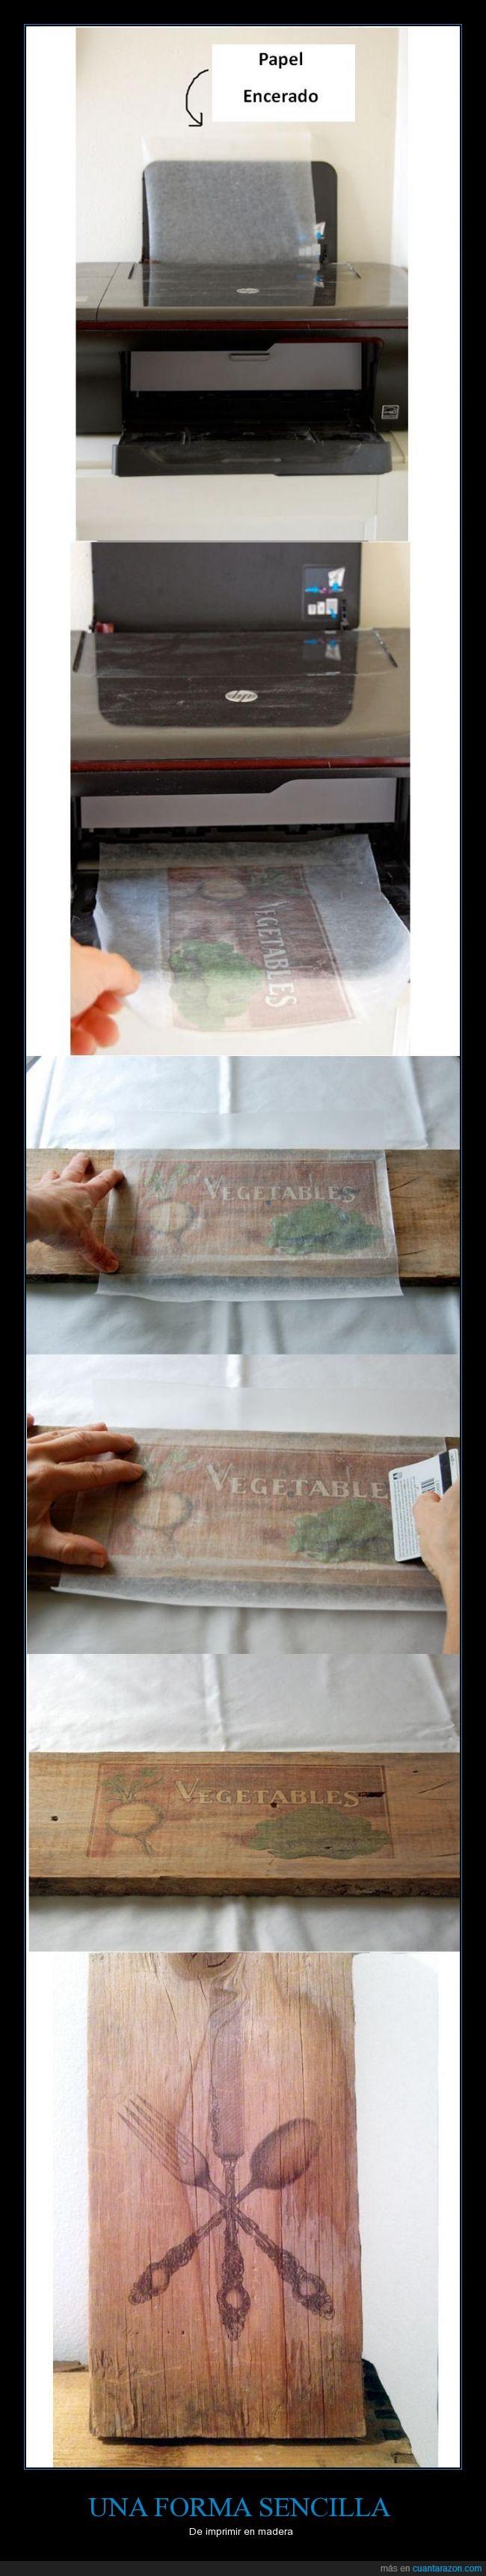 encerado,encerar,encima,escribir,imprimir,madera,papel,vegetables